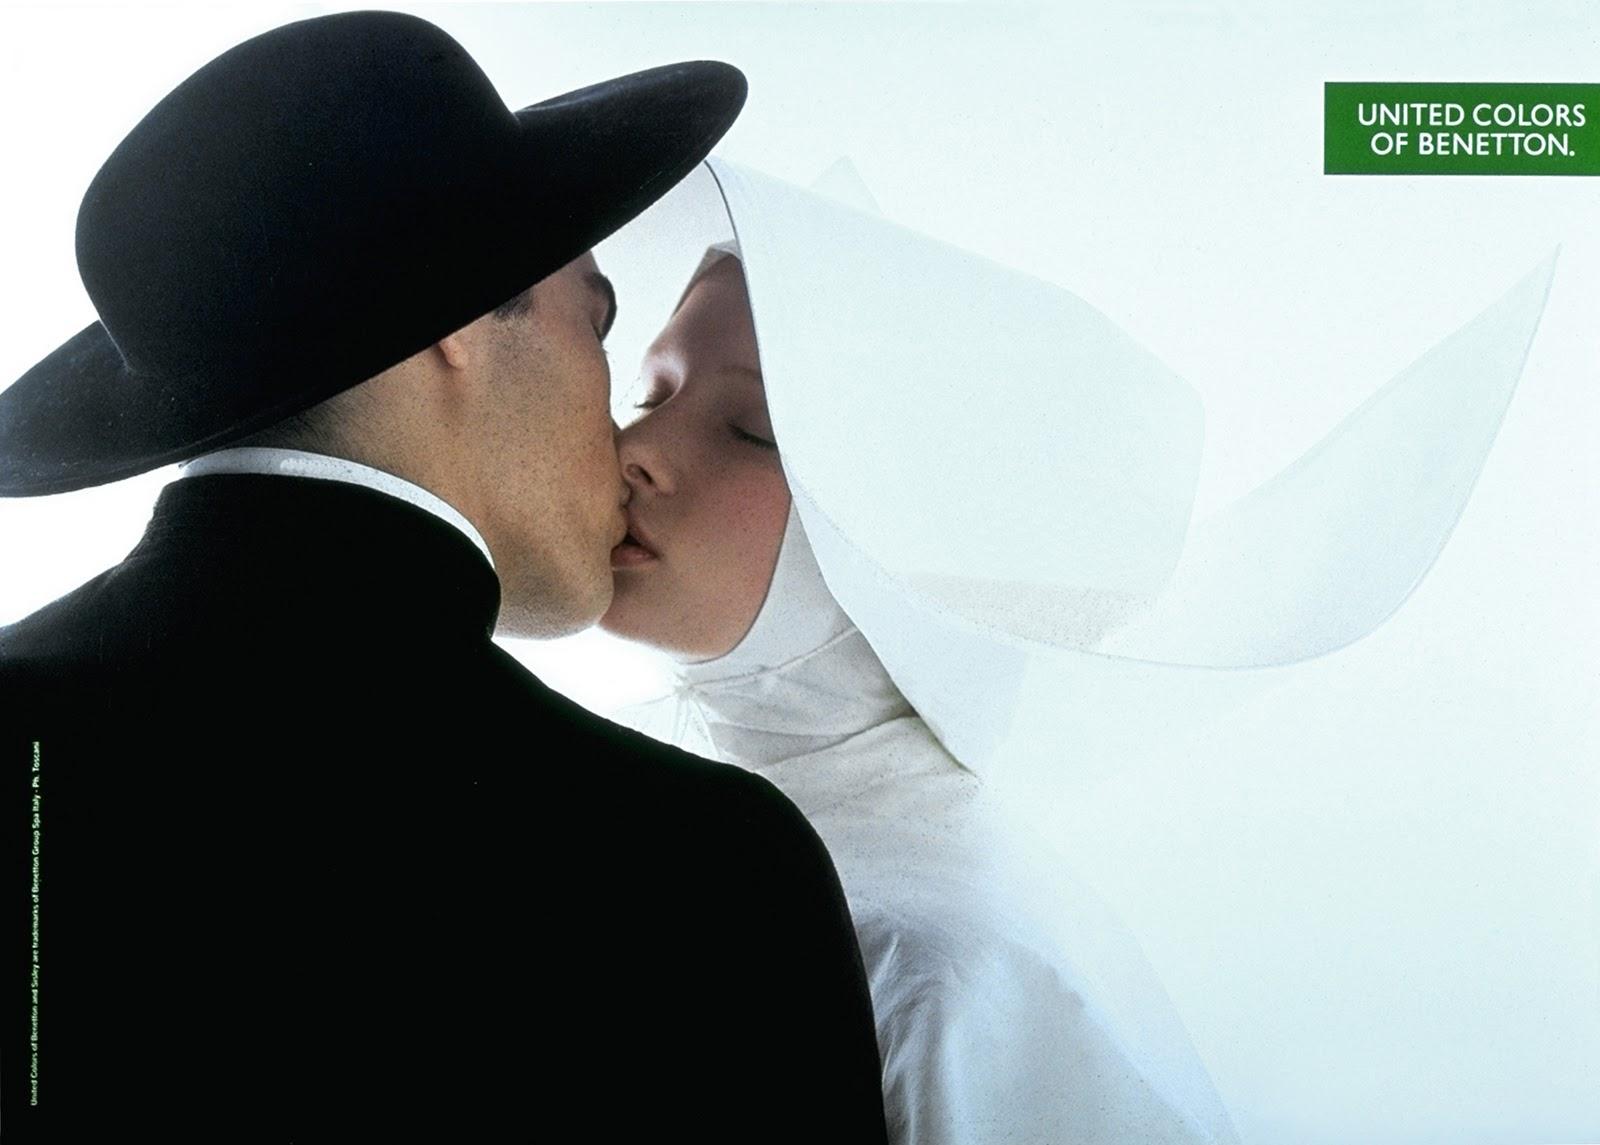 Fotografia kolorowa przedstawiająca zakonnicę całującą księdza. Po lewej stronie, zwrócony plecami do widza ksiądz, ubrany w czarną sutannę i czarny kapelusz. Po prawej stronie zakonnica w białym habicie i białym nakryciu głowy całuje mężczyznę. Zakonnica ma zamknięte oczy. W górnym prawym rogu znajduje się zielone logo z napisem United Colors of Benetton.